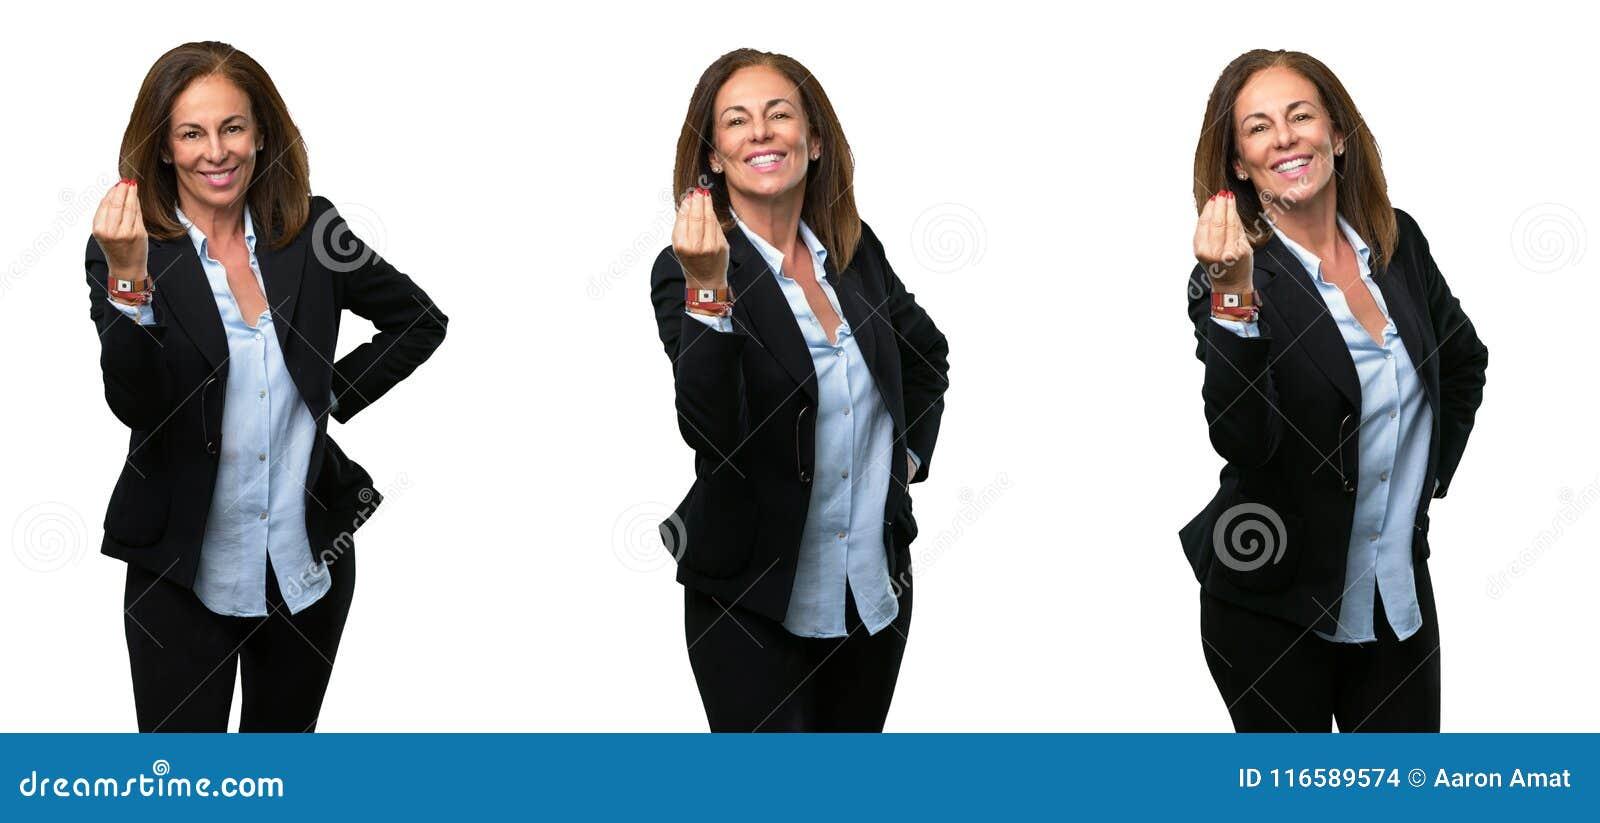 Femme d affaires de Moyen Âge avec de longs cheveux